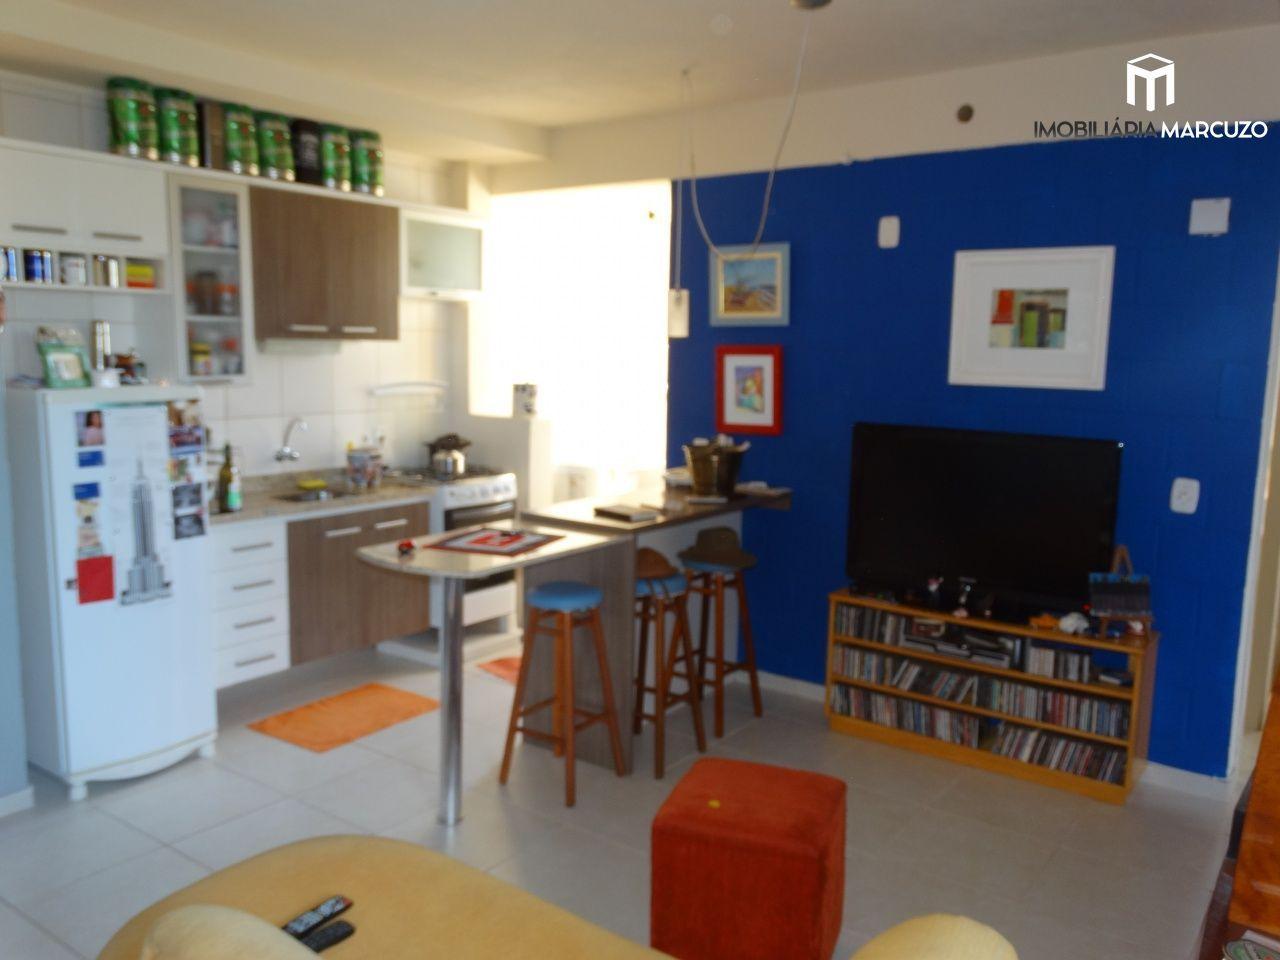 Apartamento com 3 Dormitórios à venda, 65 m² por R$ 215.000,00